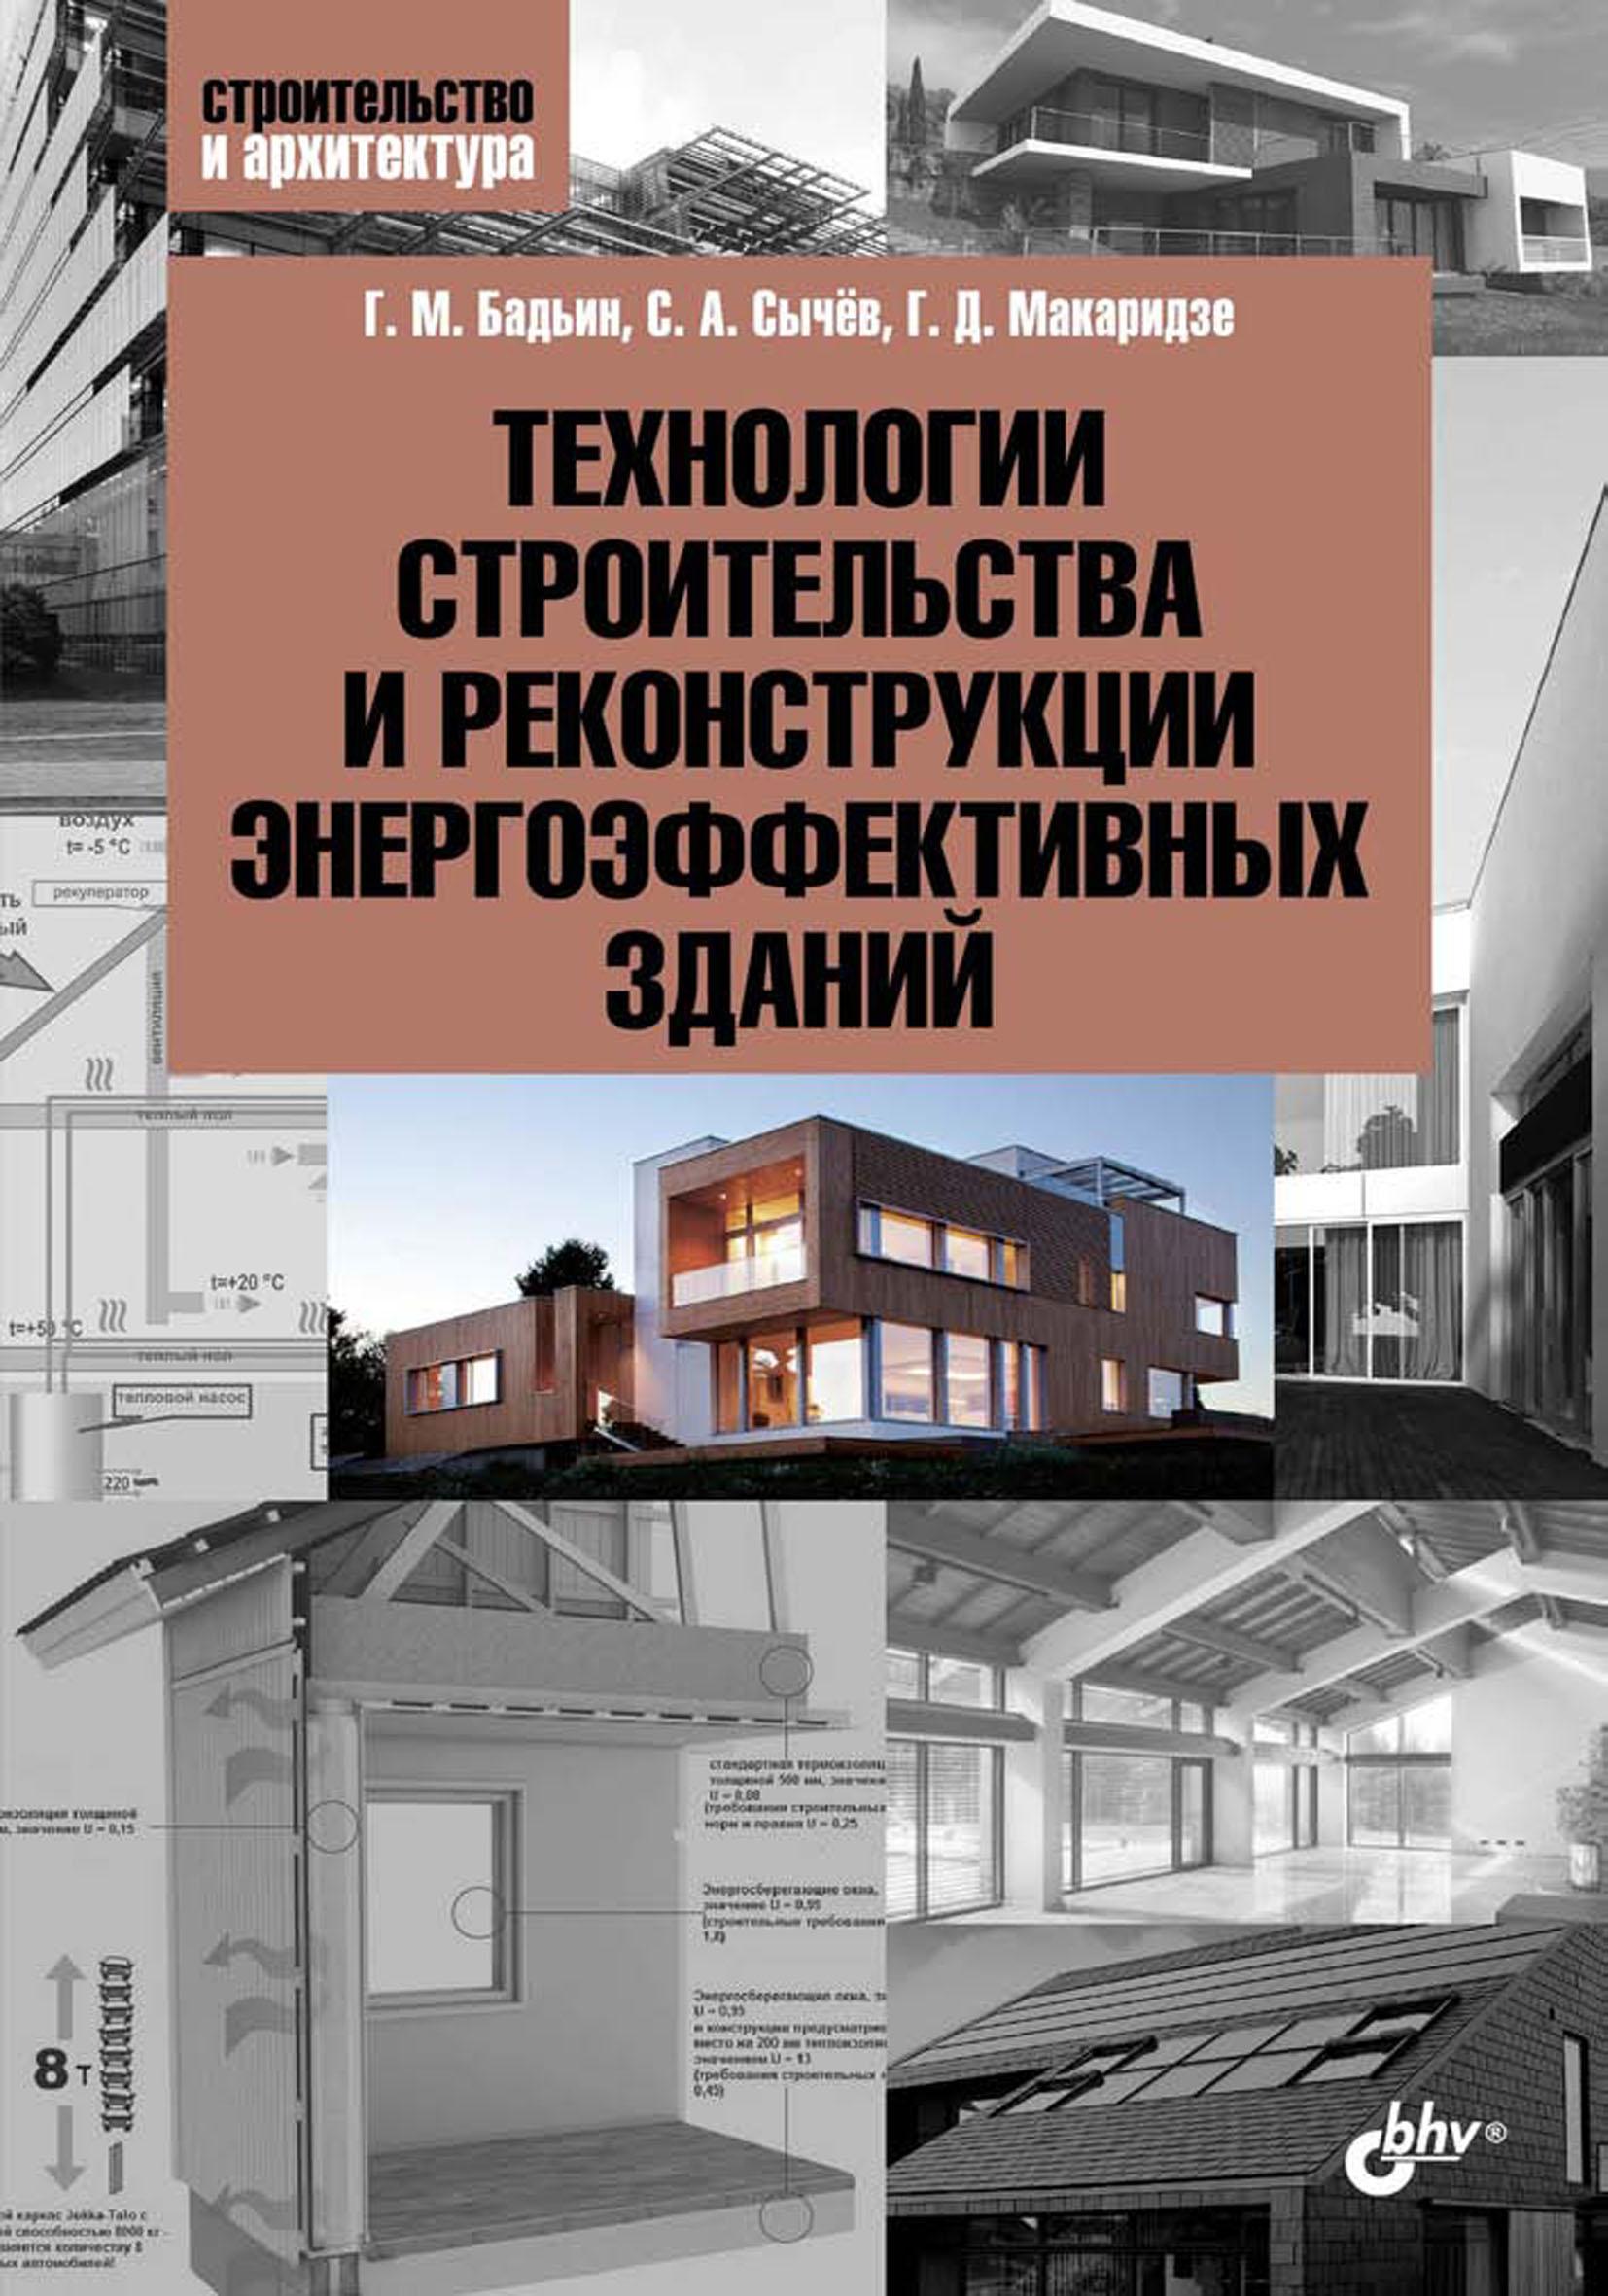 Сергей Сычев Технологии строительства и реконструкции энергоэффективных зданий